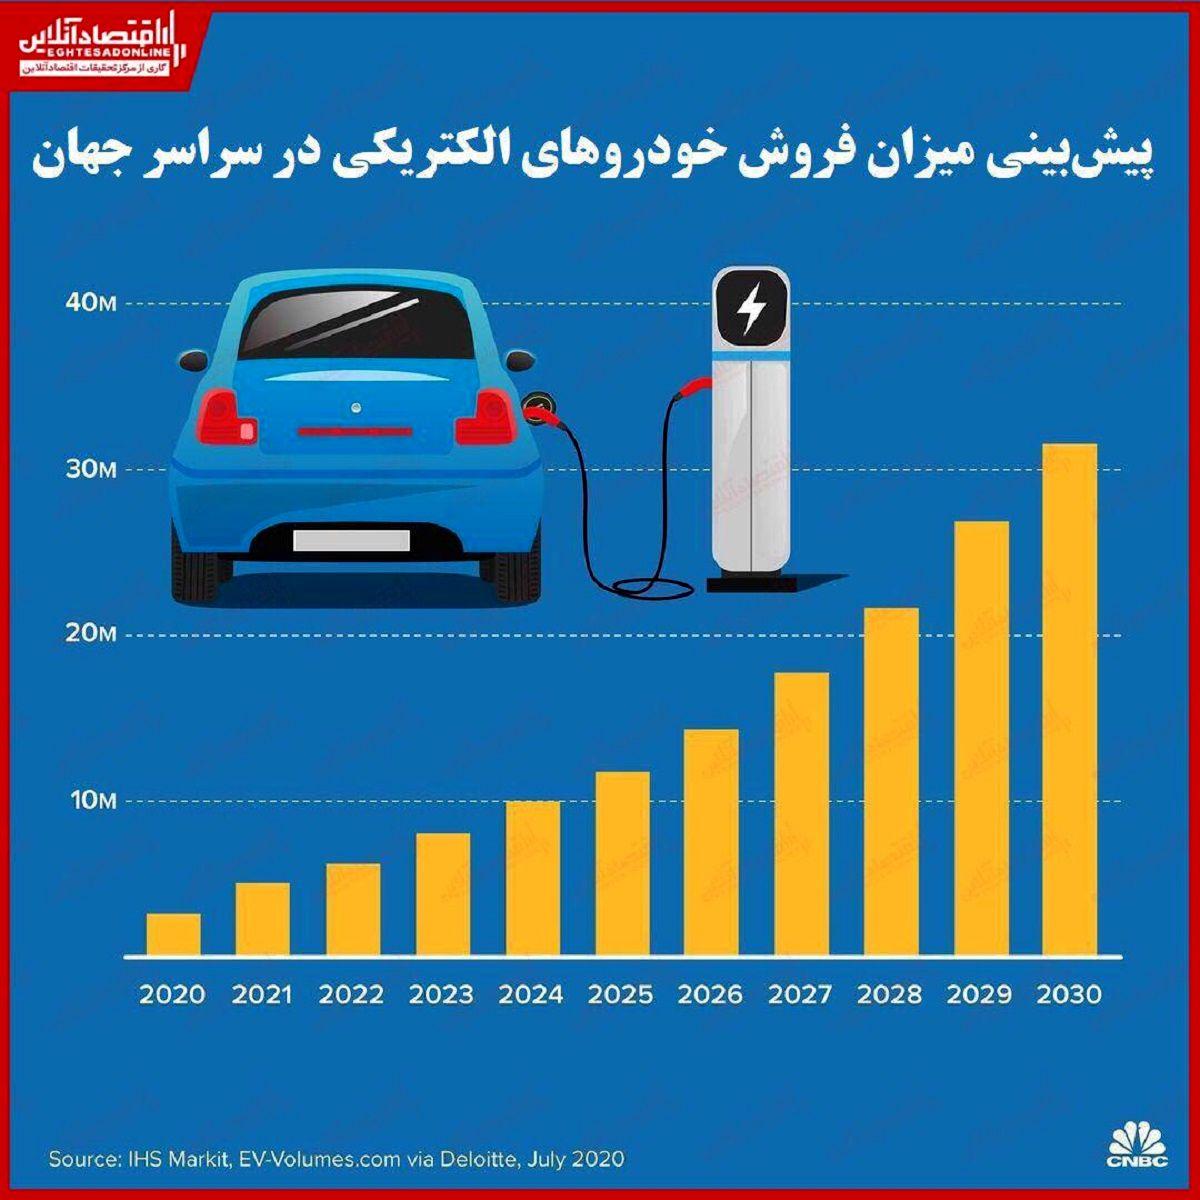 روند صعودی فروش خودروهای برقی/ چین پادشاه بازار جهانی وسایل نقلیه الکتریکی